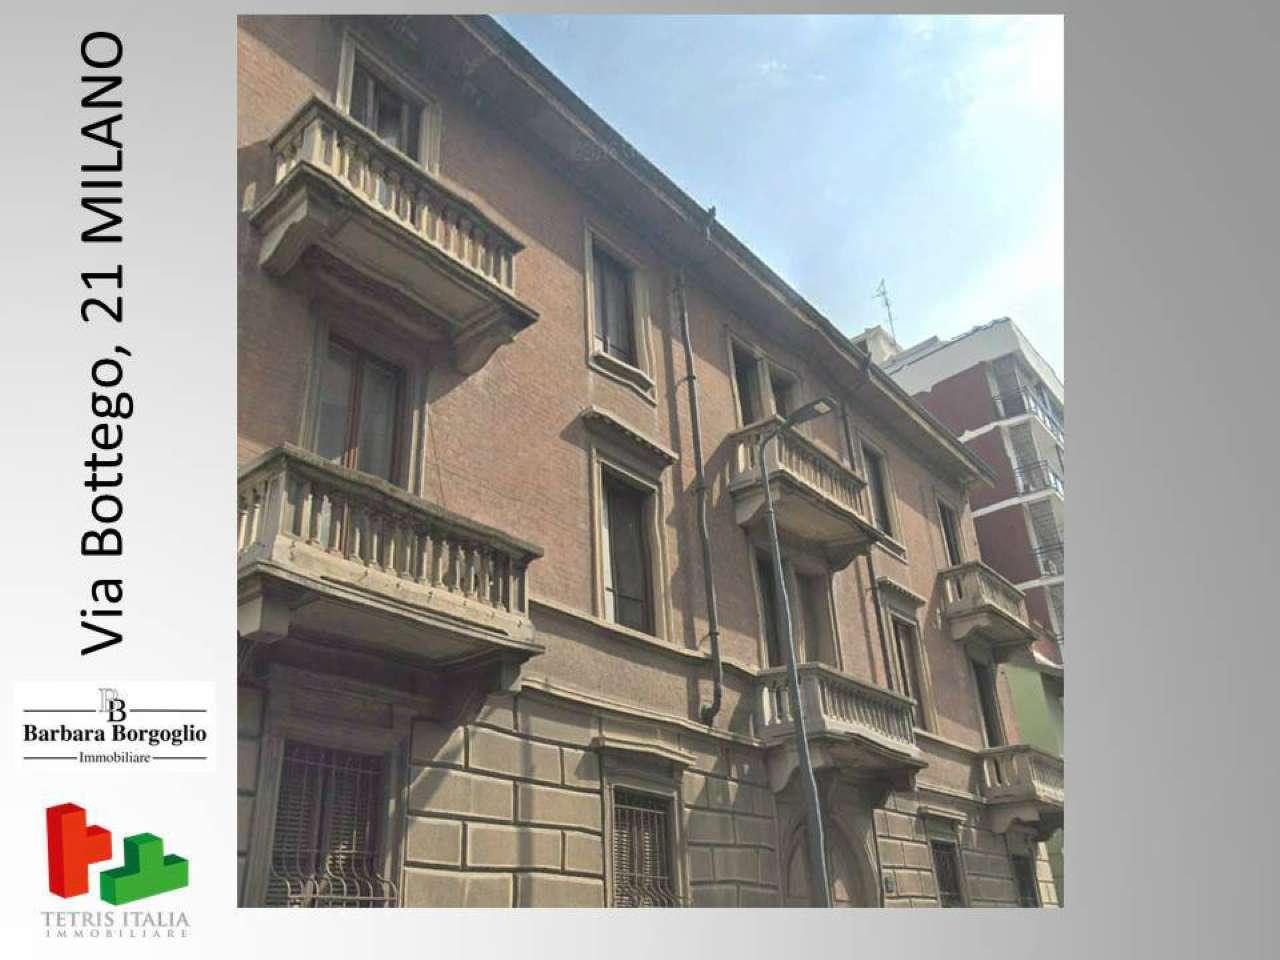 Appartamento in vendita a Milano, 3 locali, zona Zona: 3 . Bicocca, Greco, Monza, Palmanova, Padova, prezzo € 215.000 | CambioCasa.it